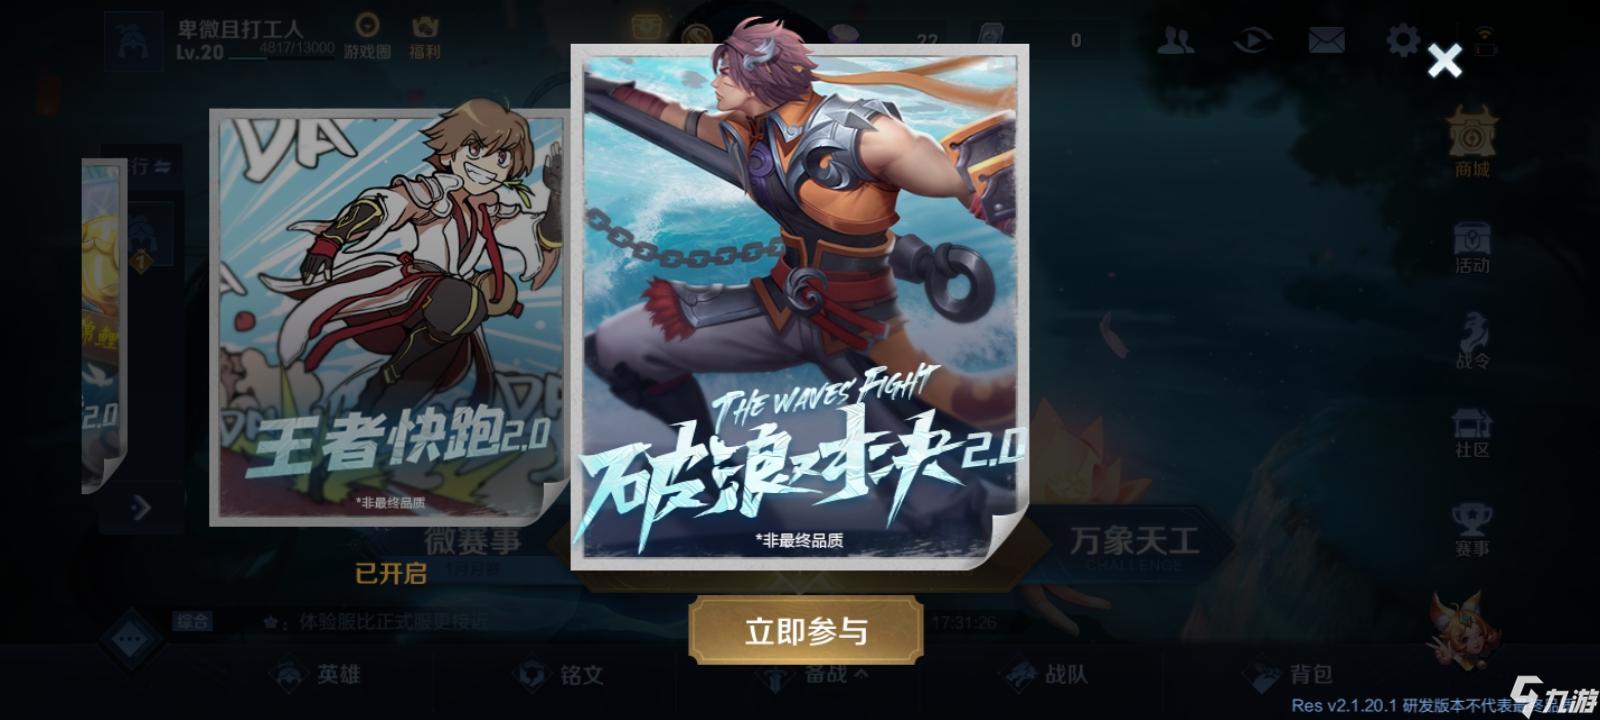 王者荣耀2021年春节破浪对决怎么玩 破浪对决玩法